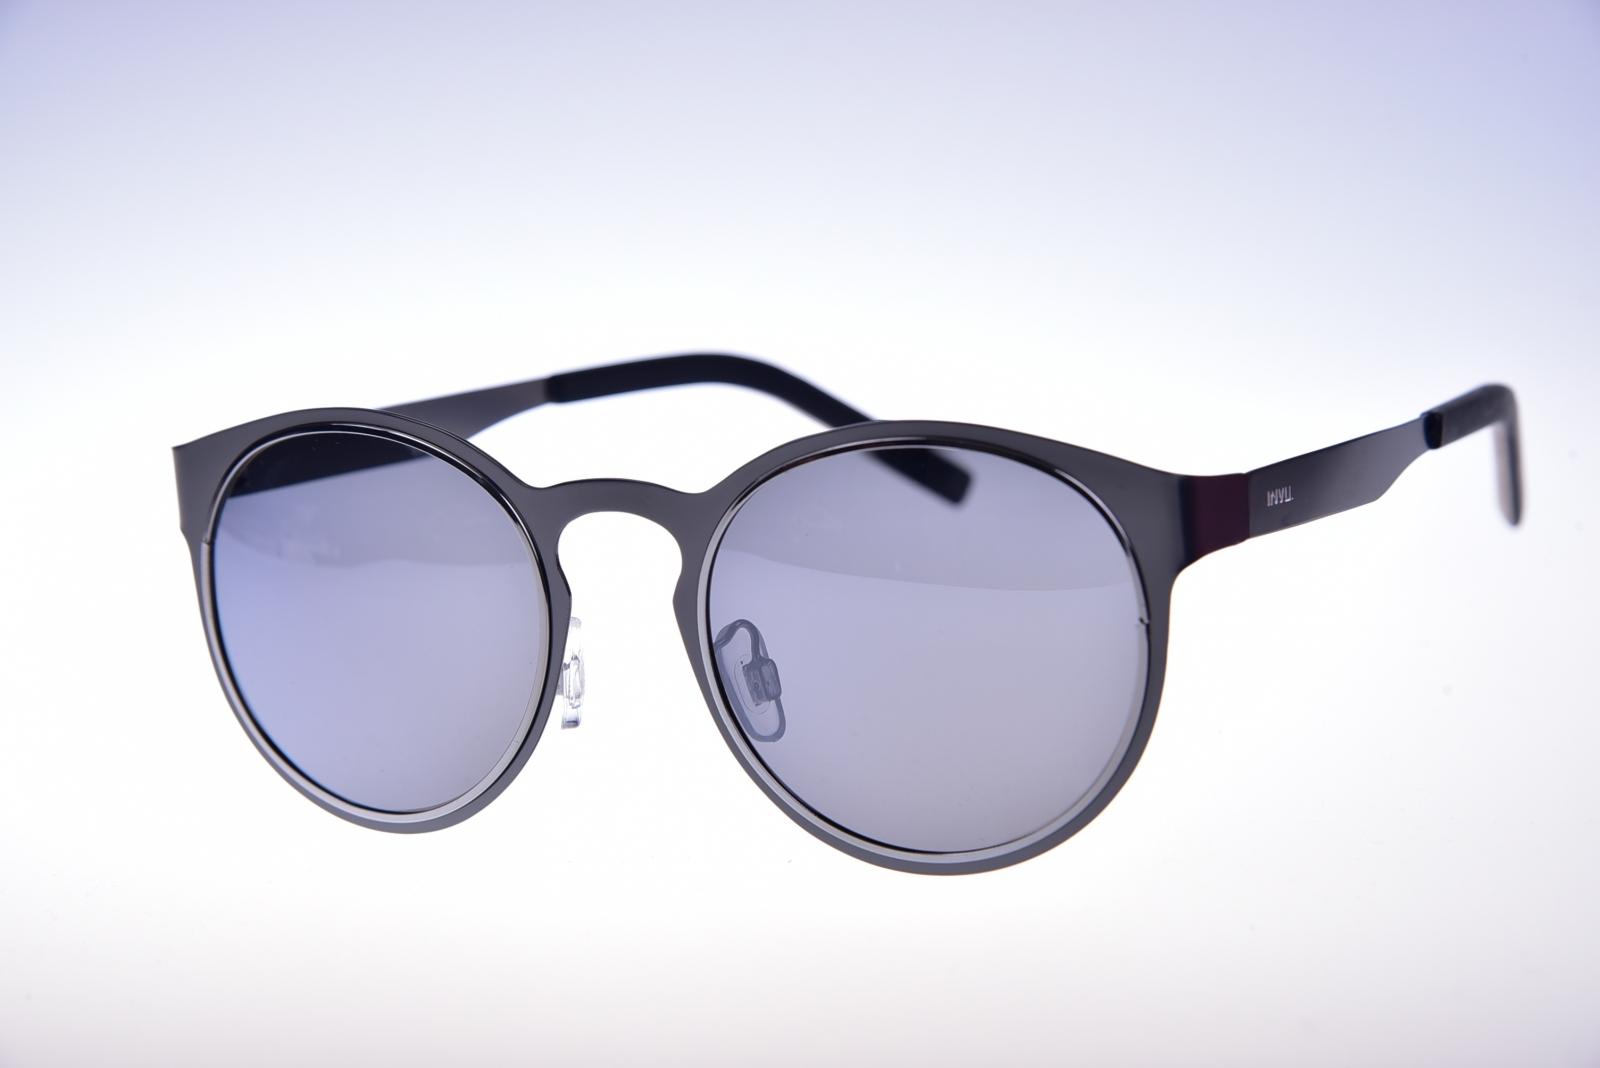 c6ffcd26f INVU. Trend T1701B - Dámske, pánske a detské slnečné okuliare ...